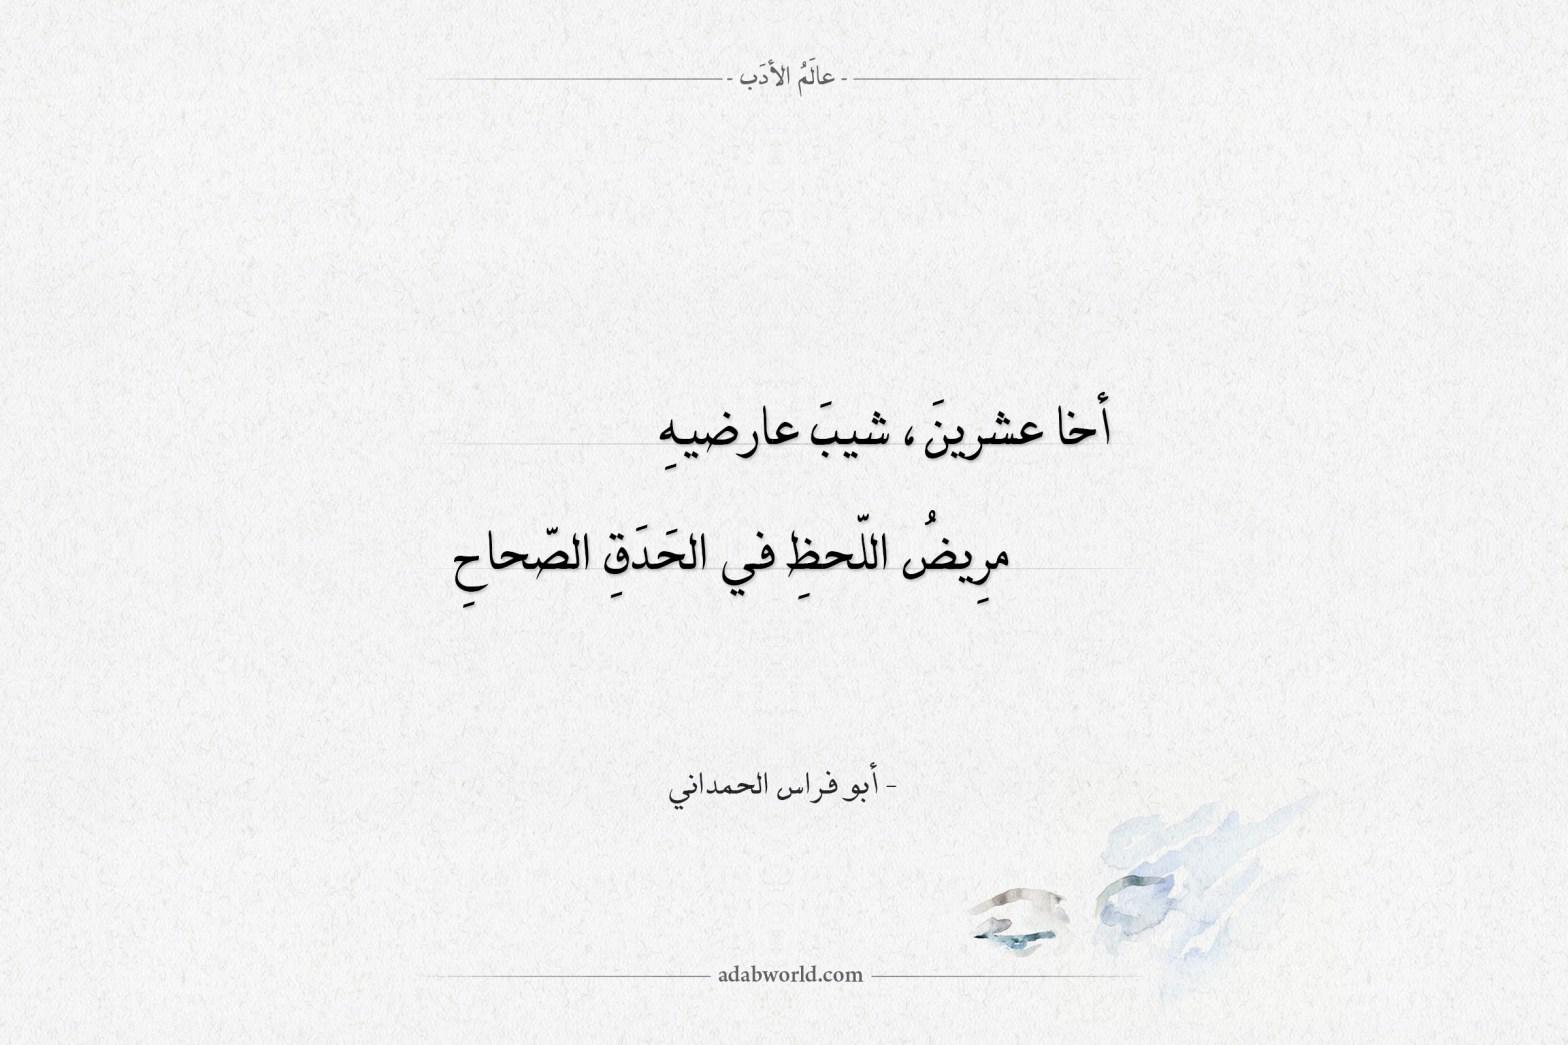 شعر أبو فراس الحمداني أخا عشرين شيب عارضيه